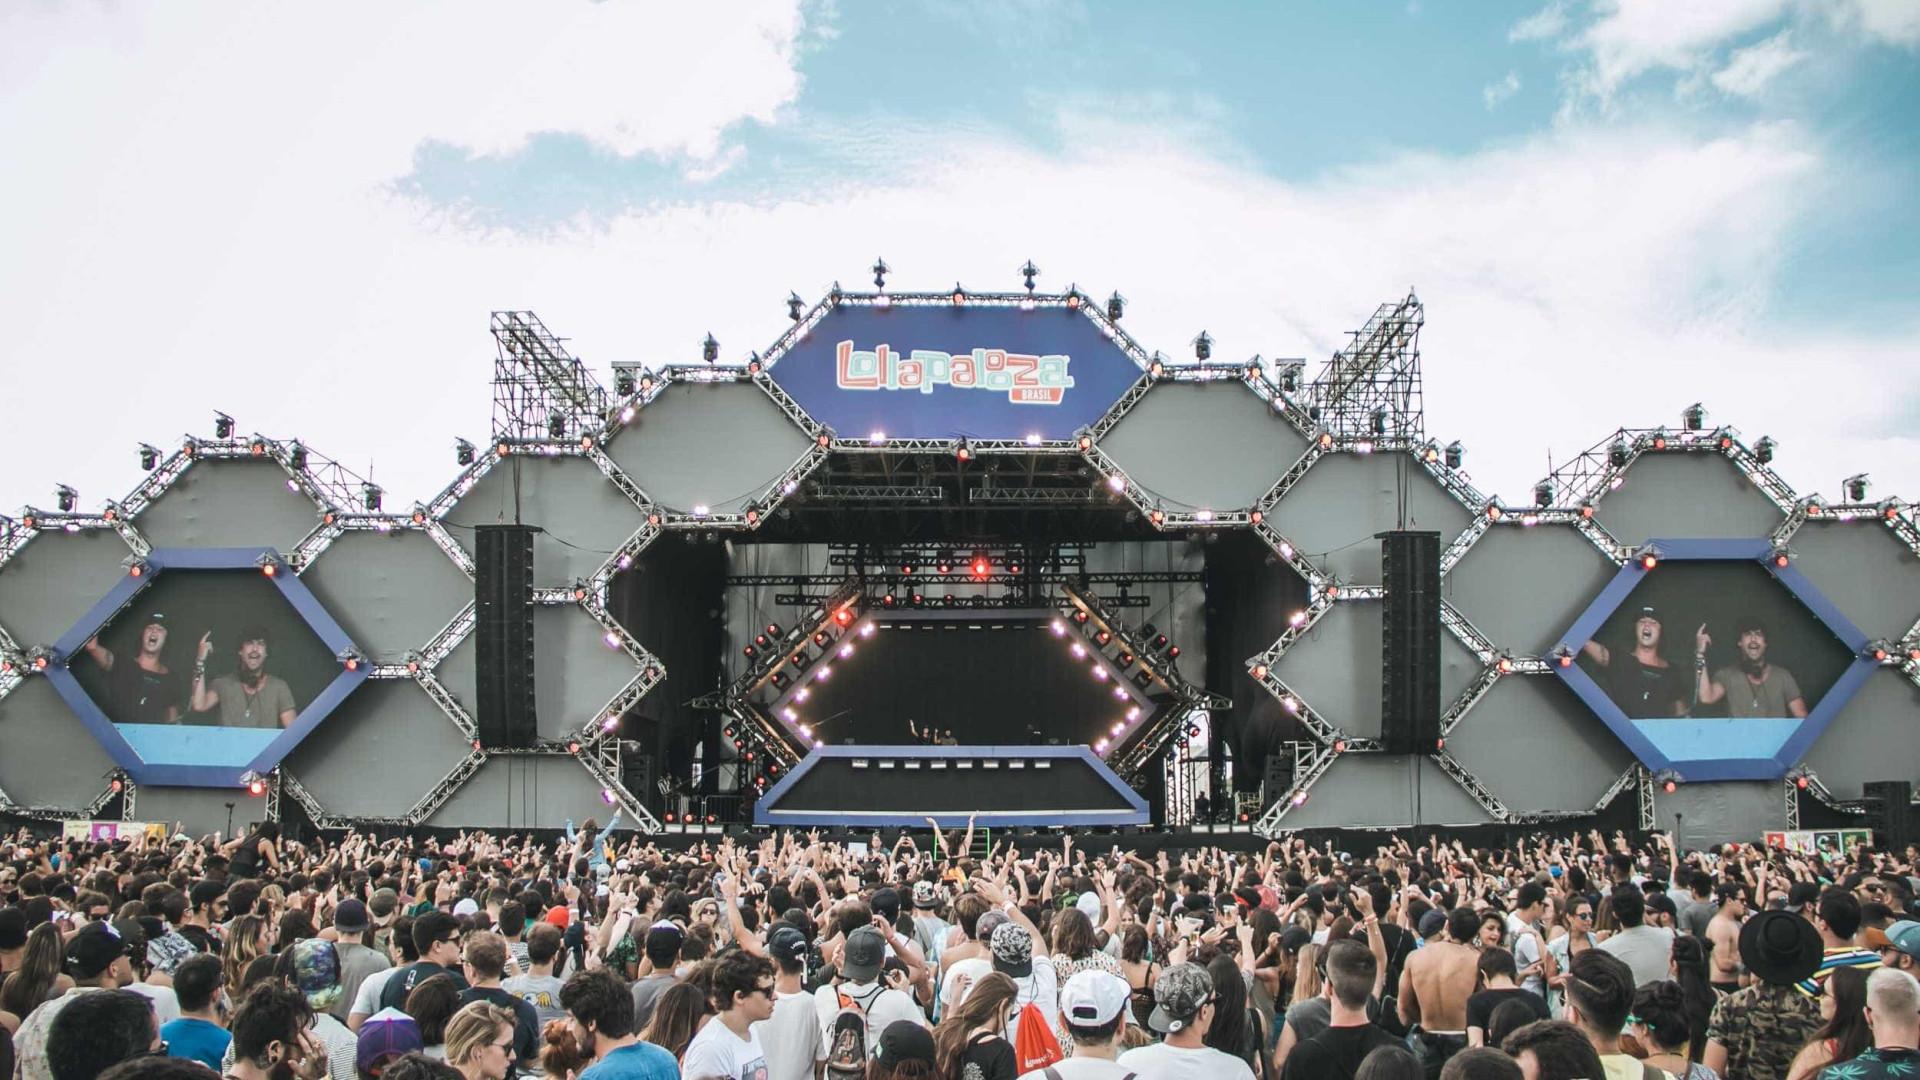 Segundo dia de Lollapalooza tem  mais calor e filas para bebida